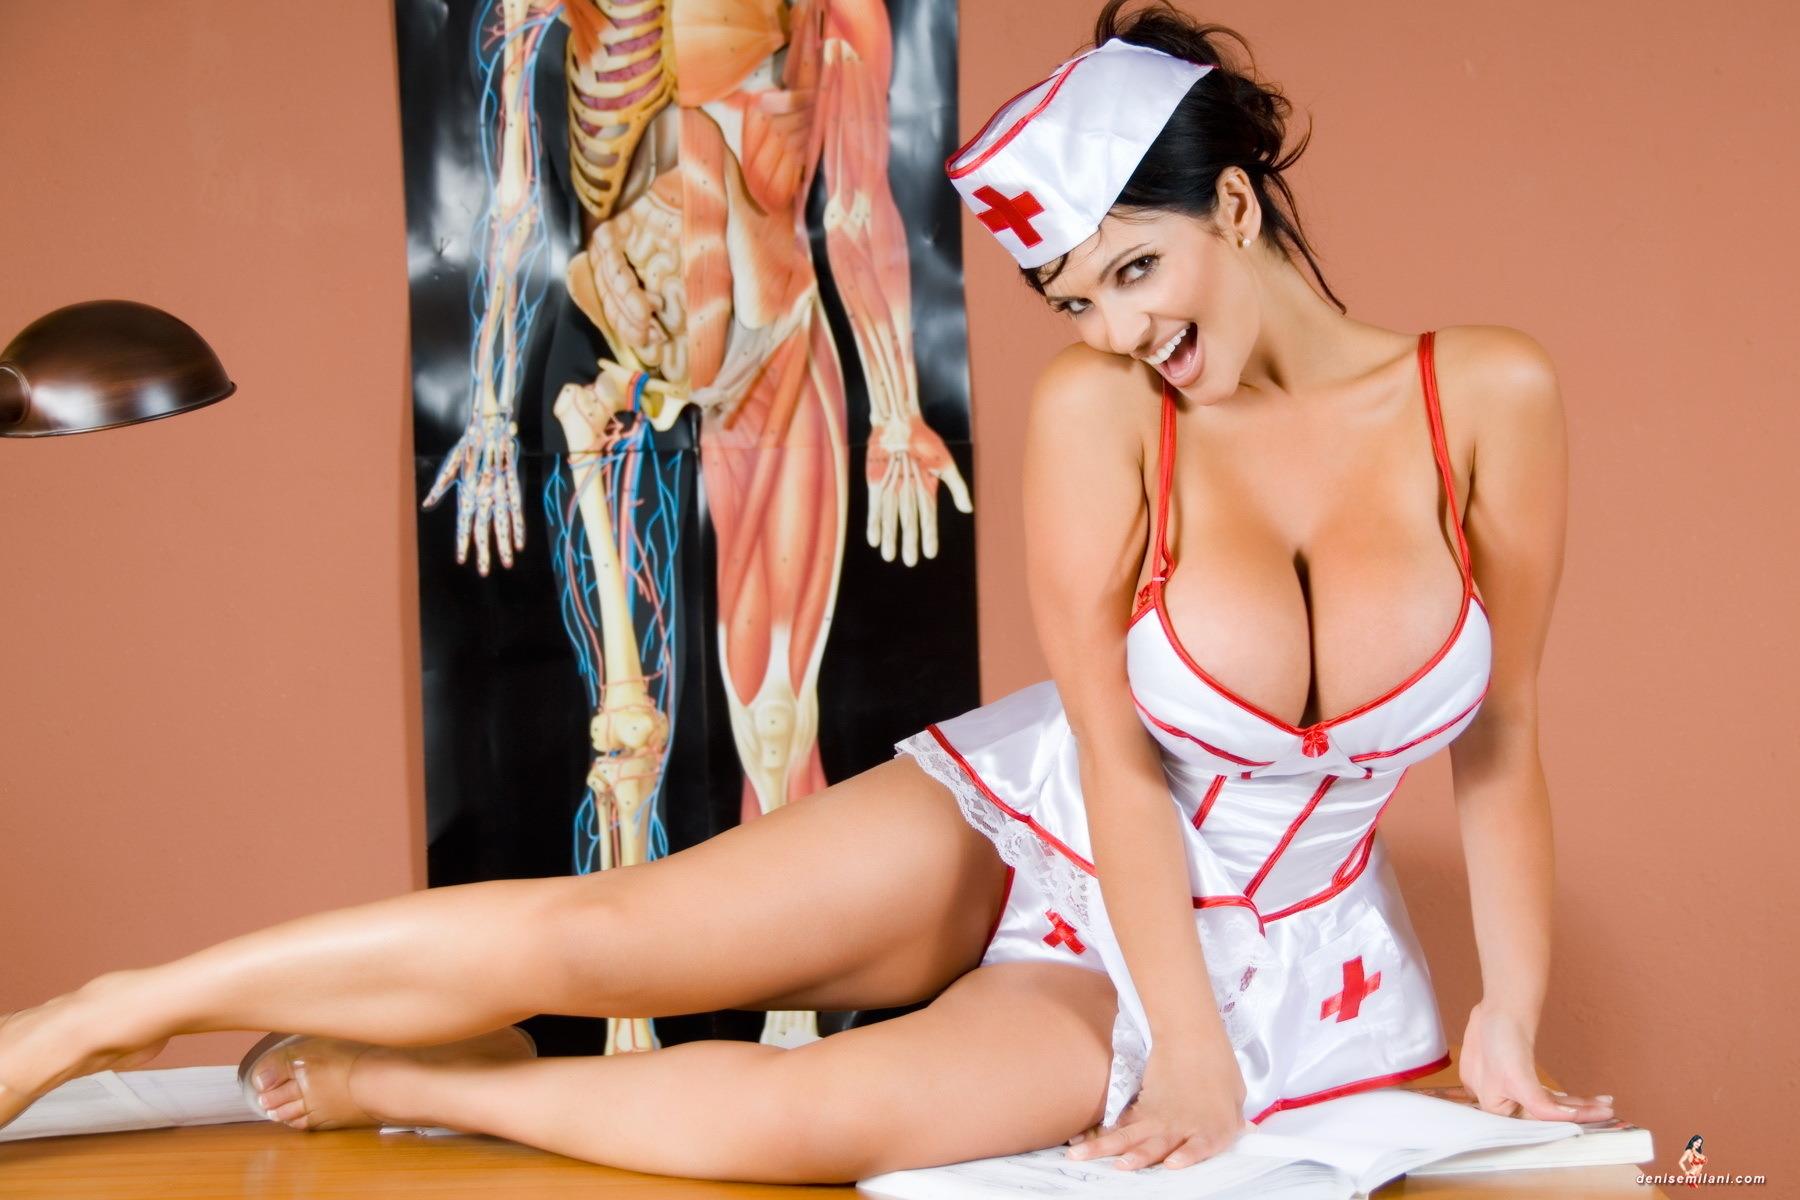 Смотреть порно медсестра с большой грудью 5 фотография